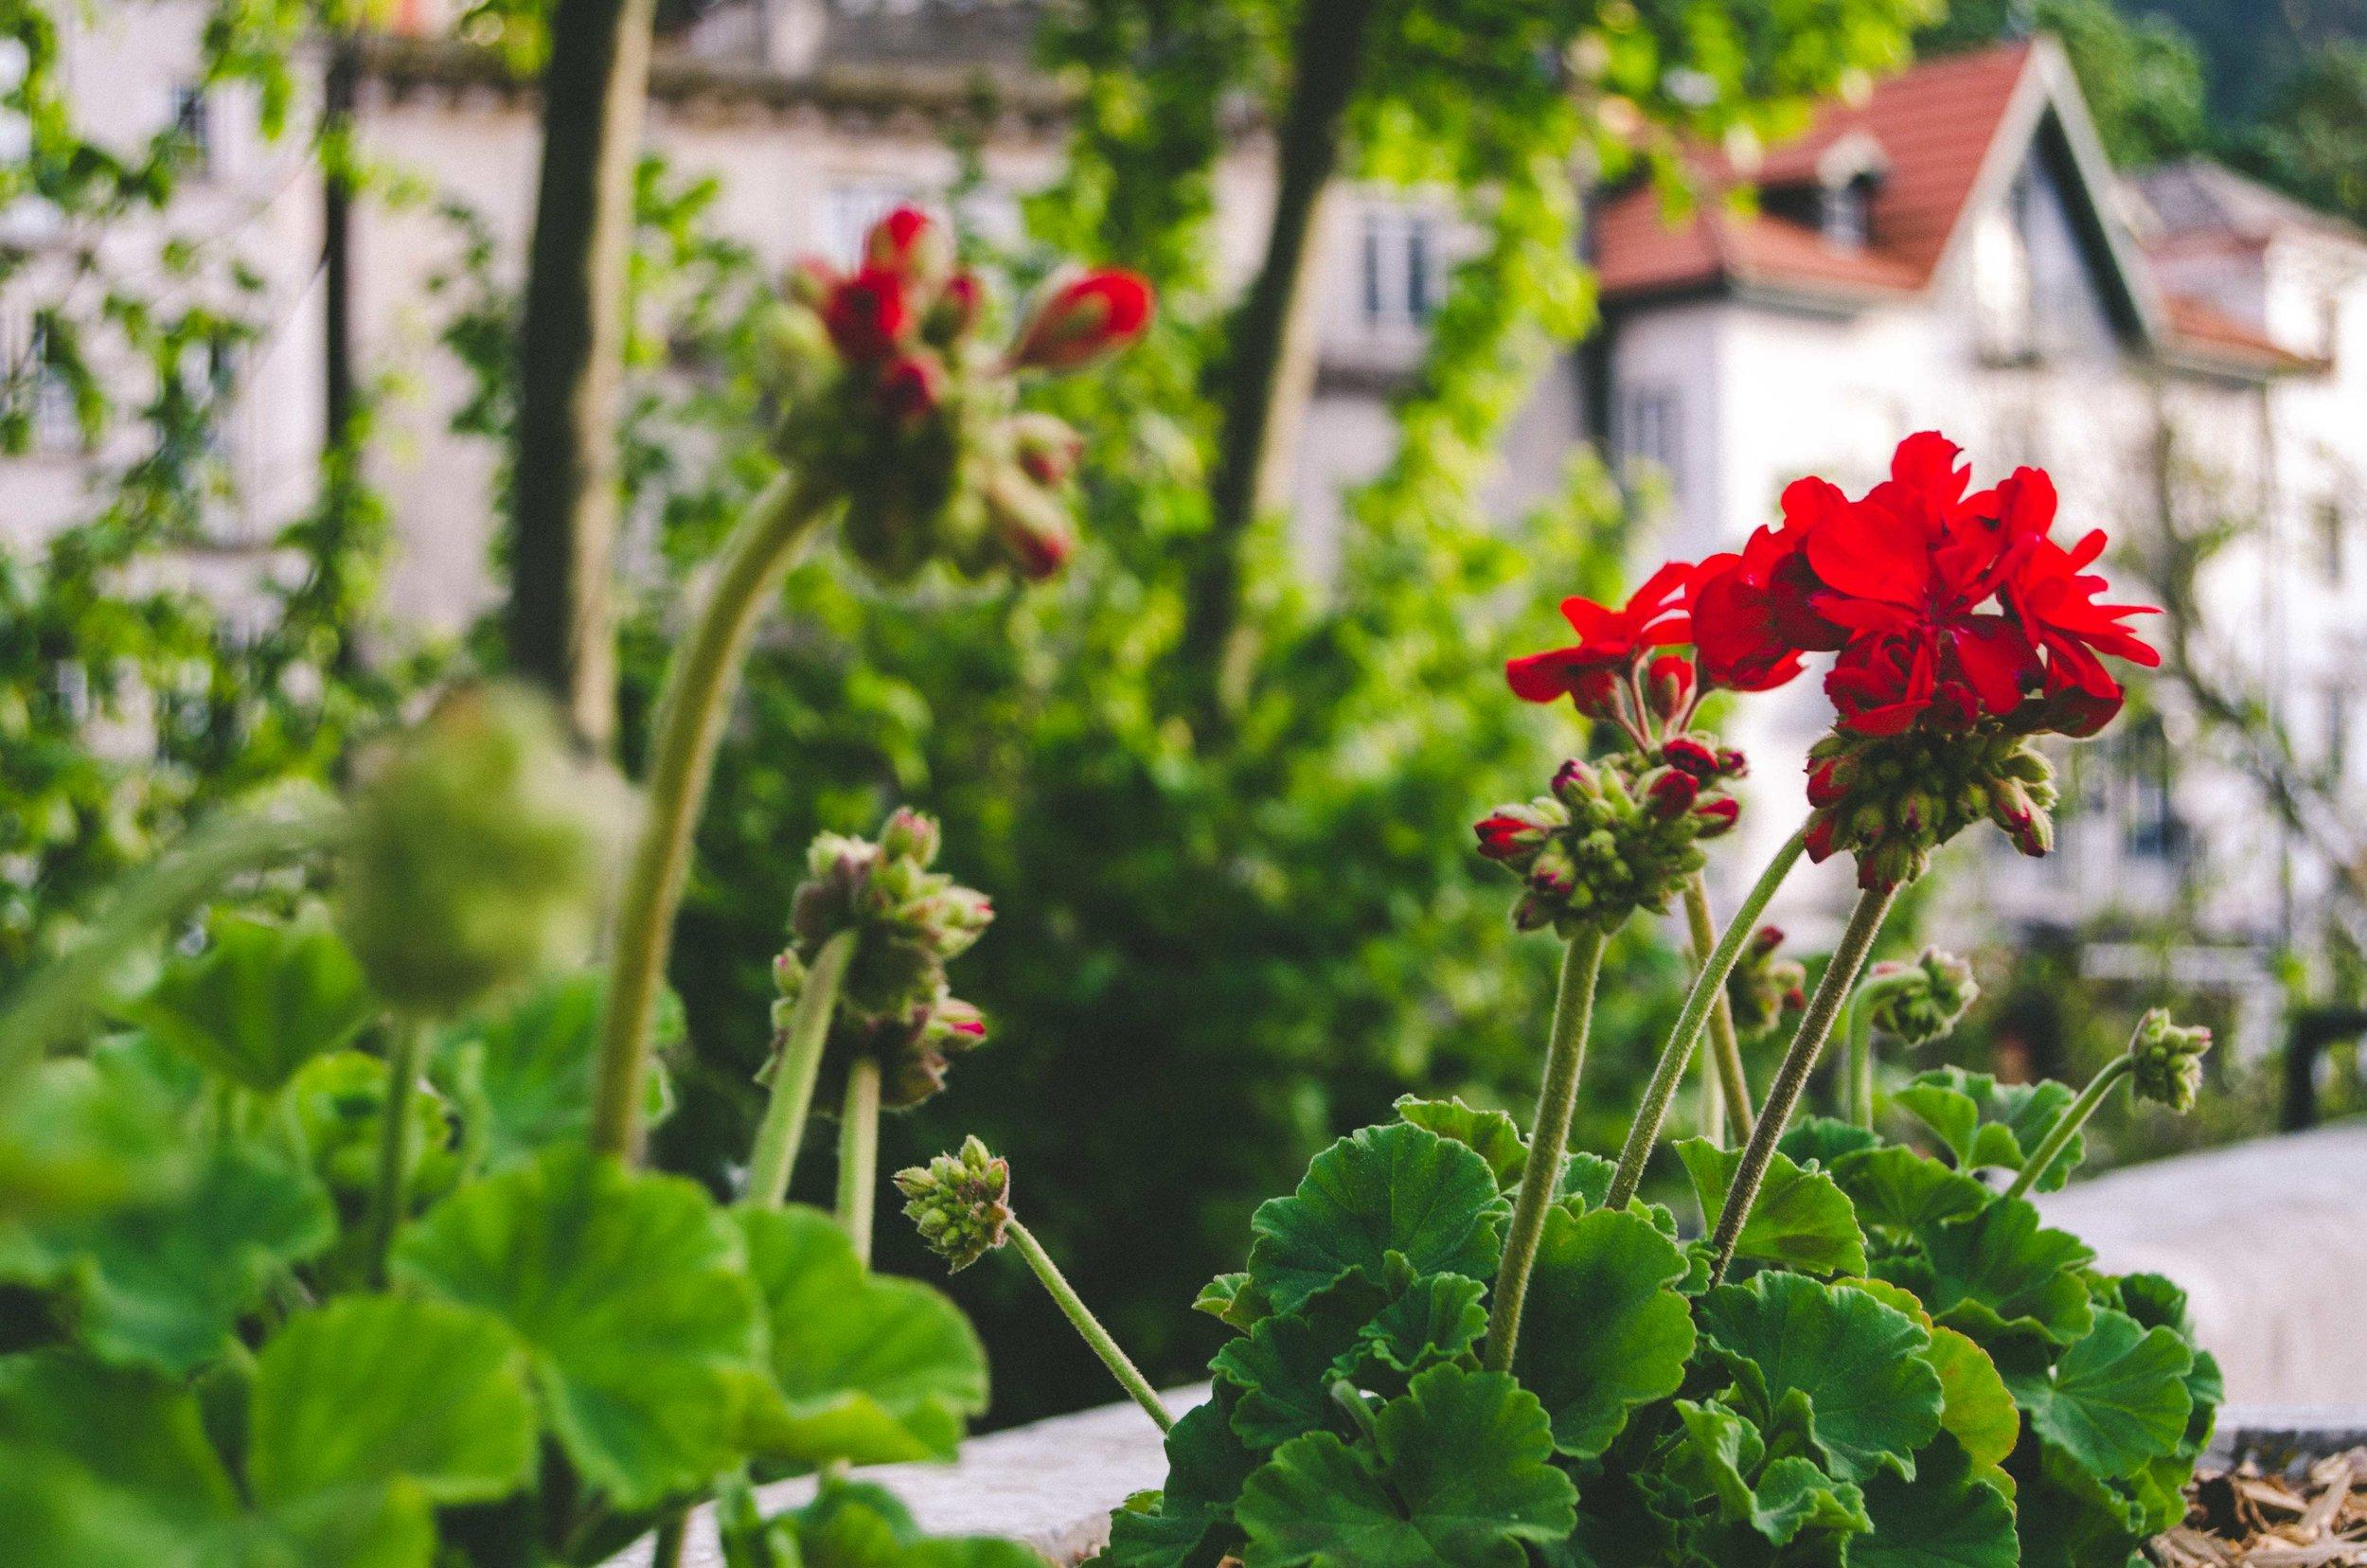 schoenmaker_portugalblog-31.jpg